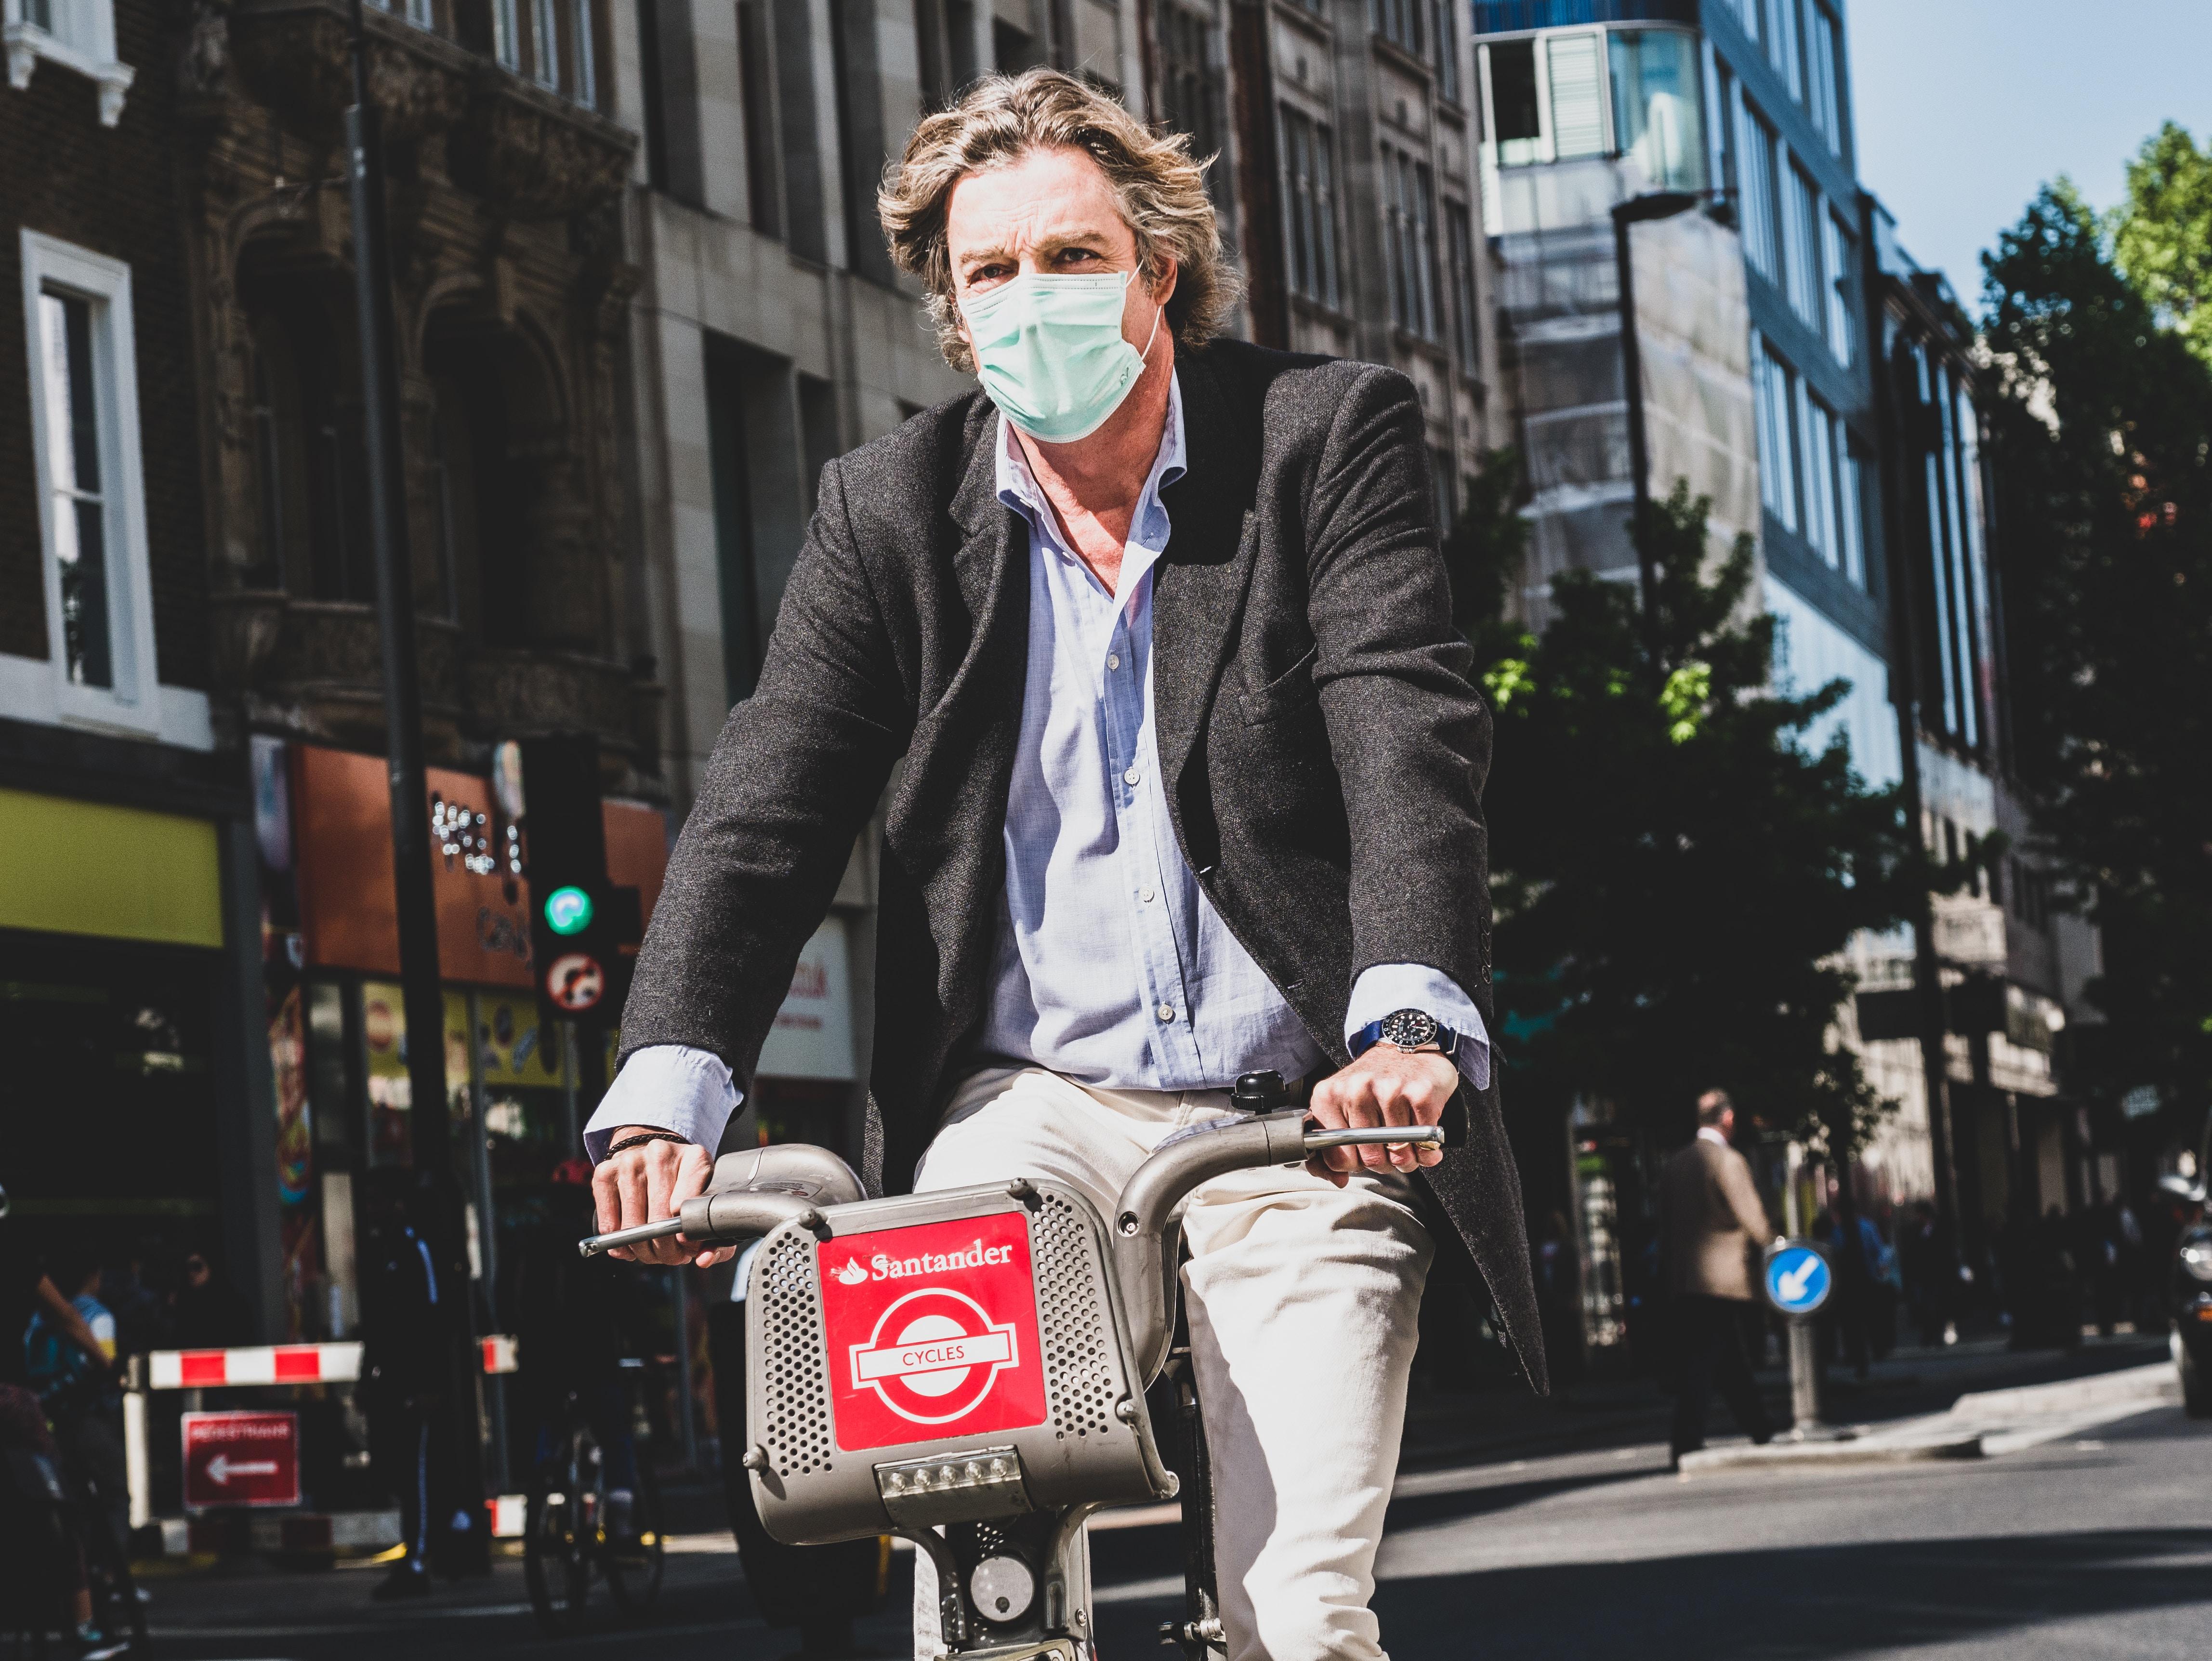 man wearing mask riding bicycle